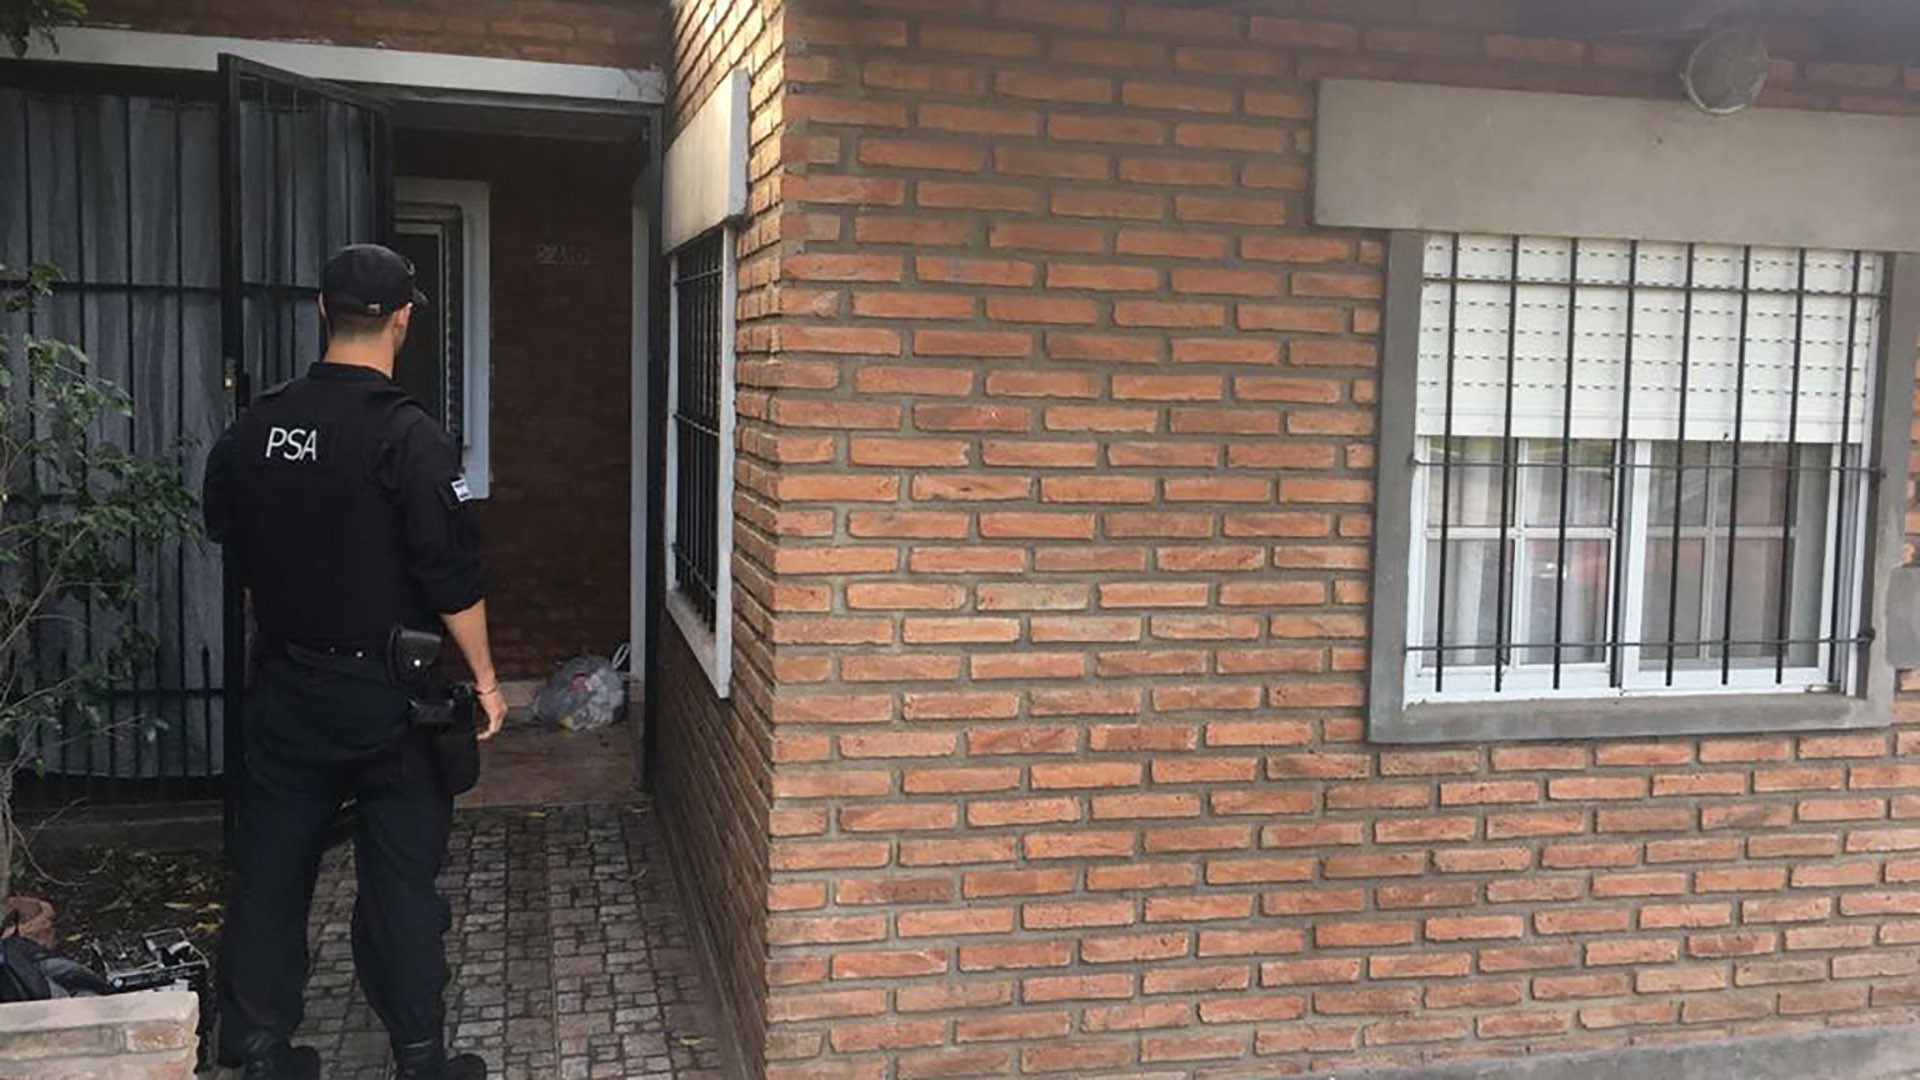 Allanaron dos viviendas relacionadas con el comisario y su oficina en la PDI santafesina